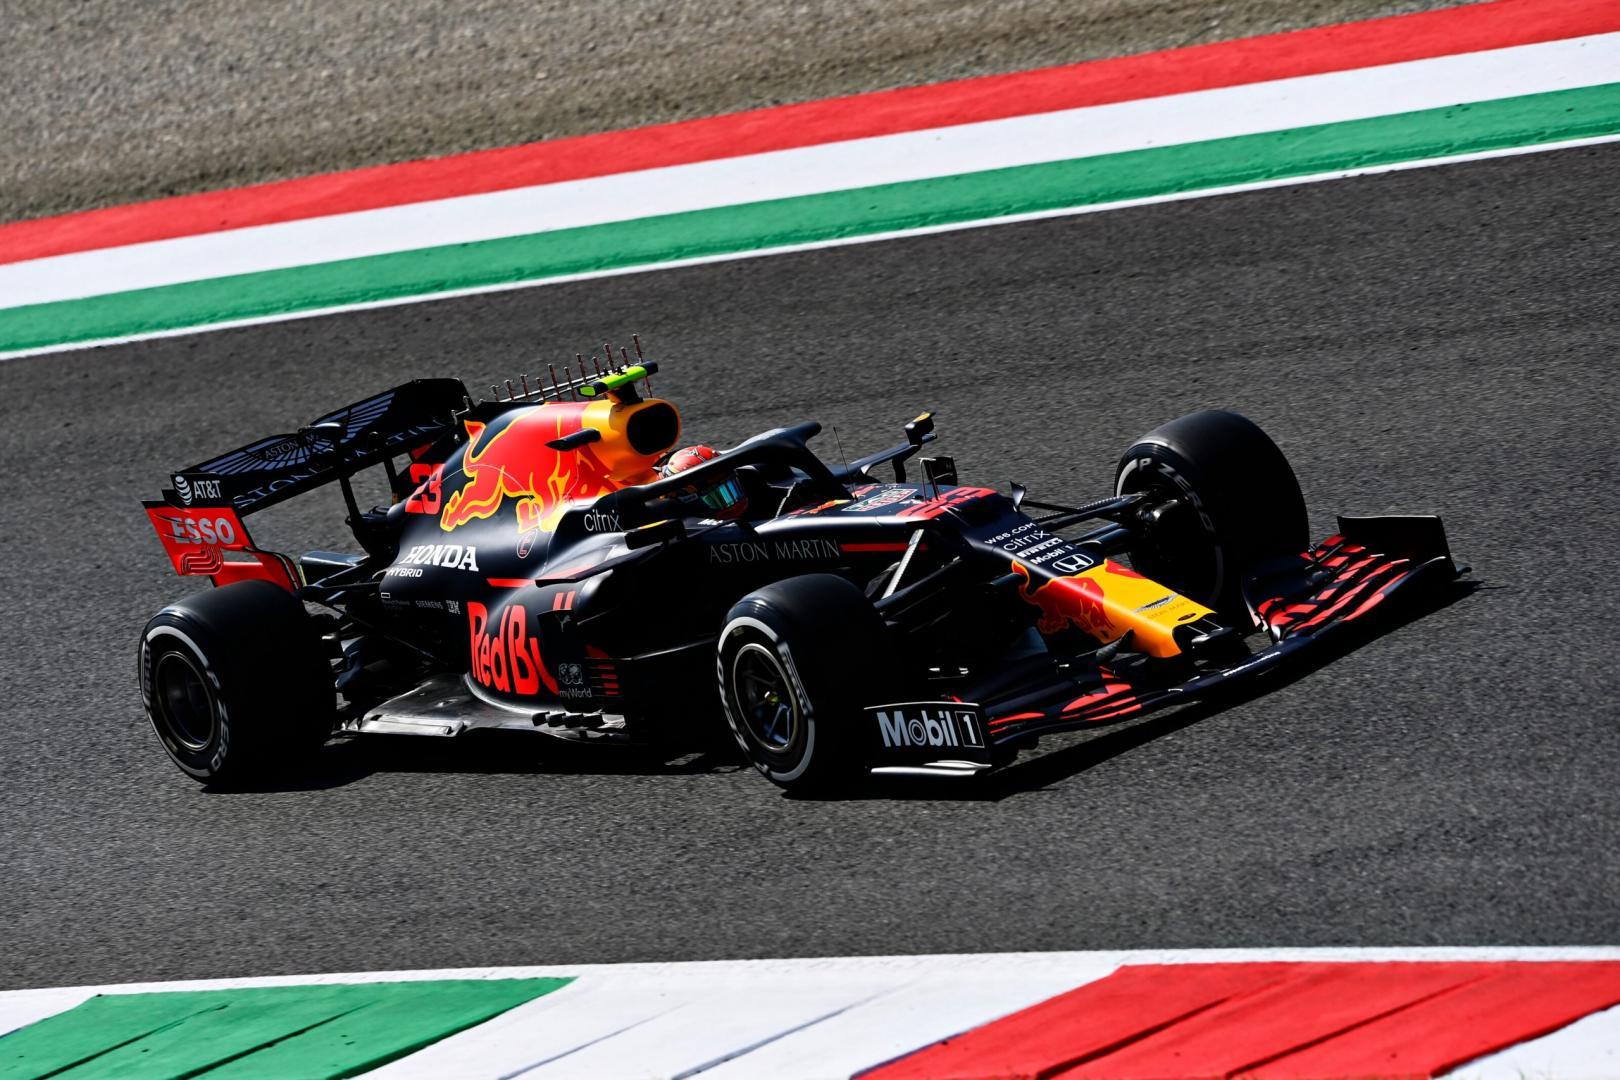 Uitslag van de GP van Toscane 2020